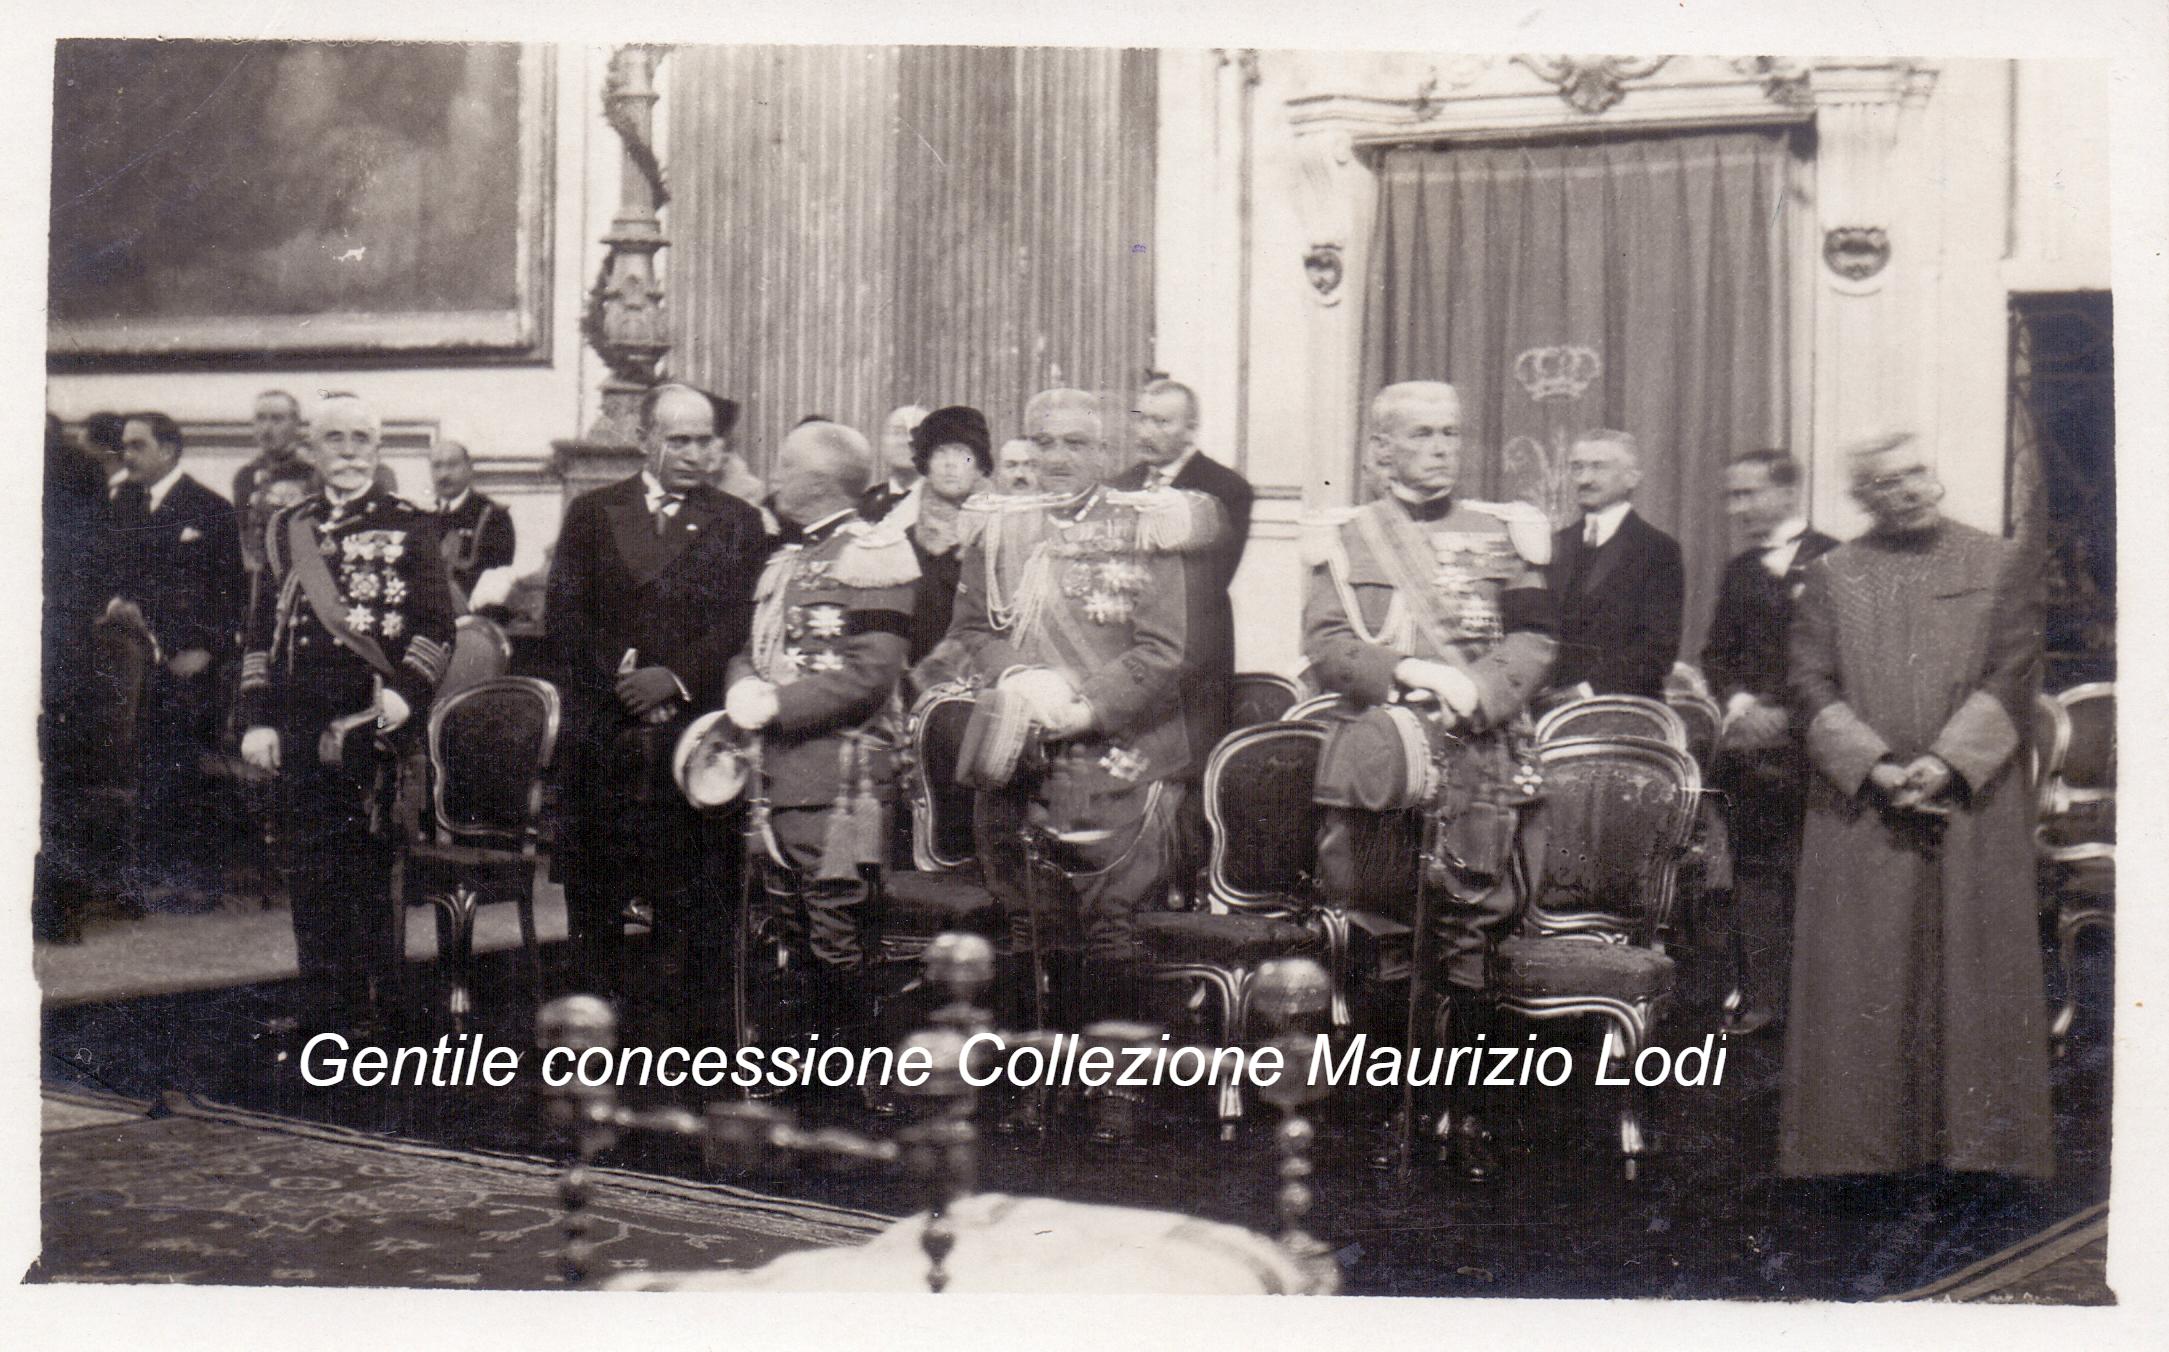 Roma 6 11 27 il IX ann vittoria in s maria degli angeli Re Diaz e Mussolini (C).jpg